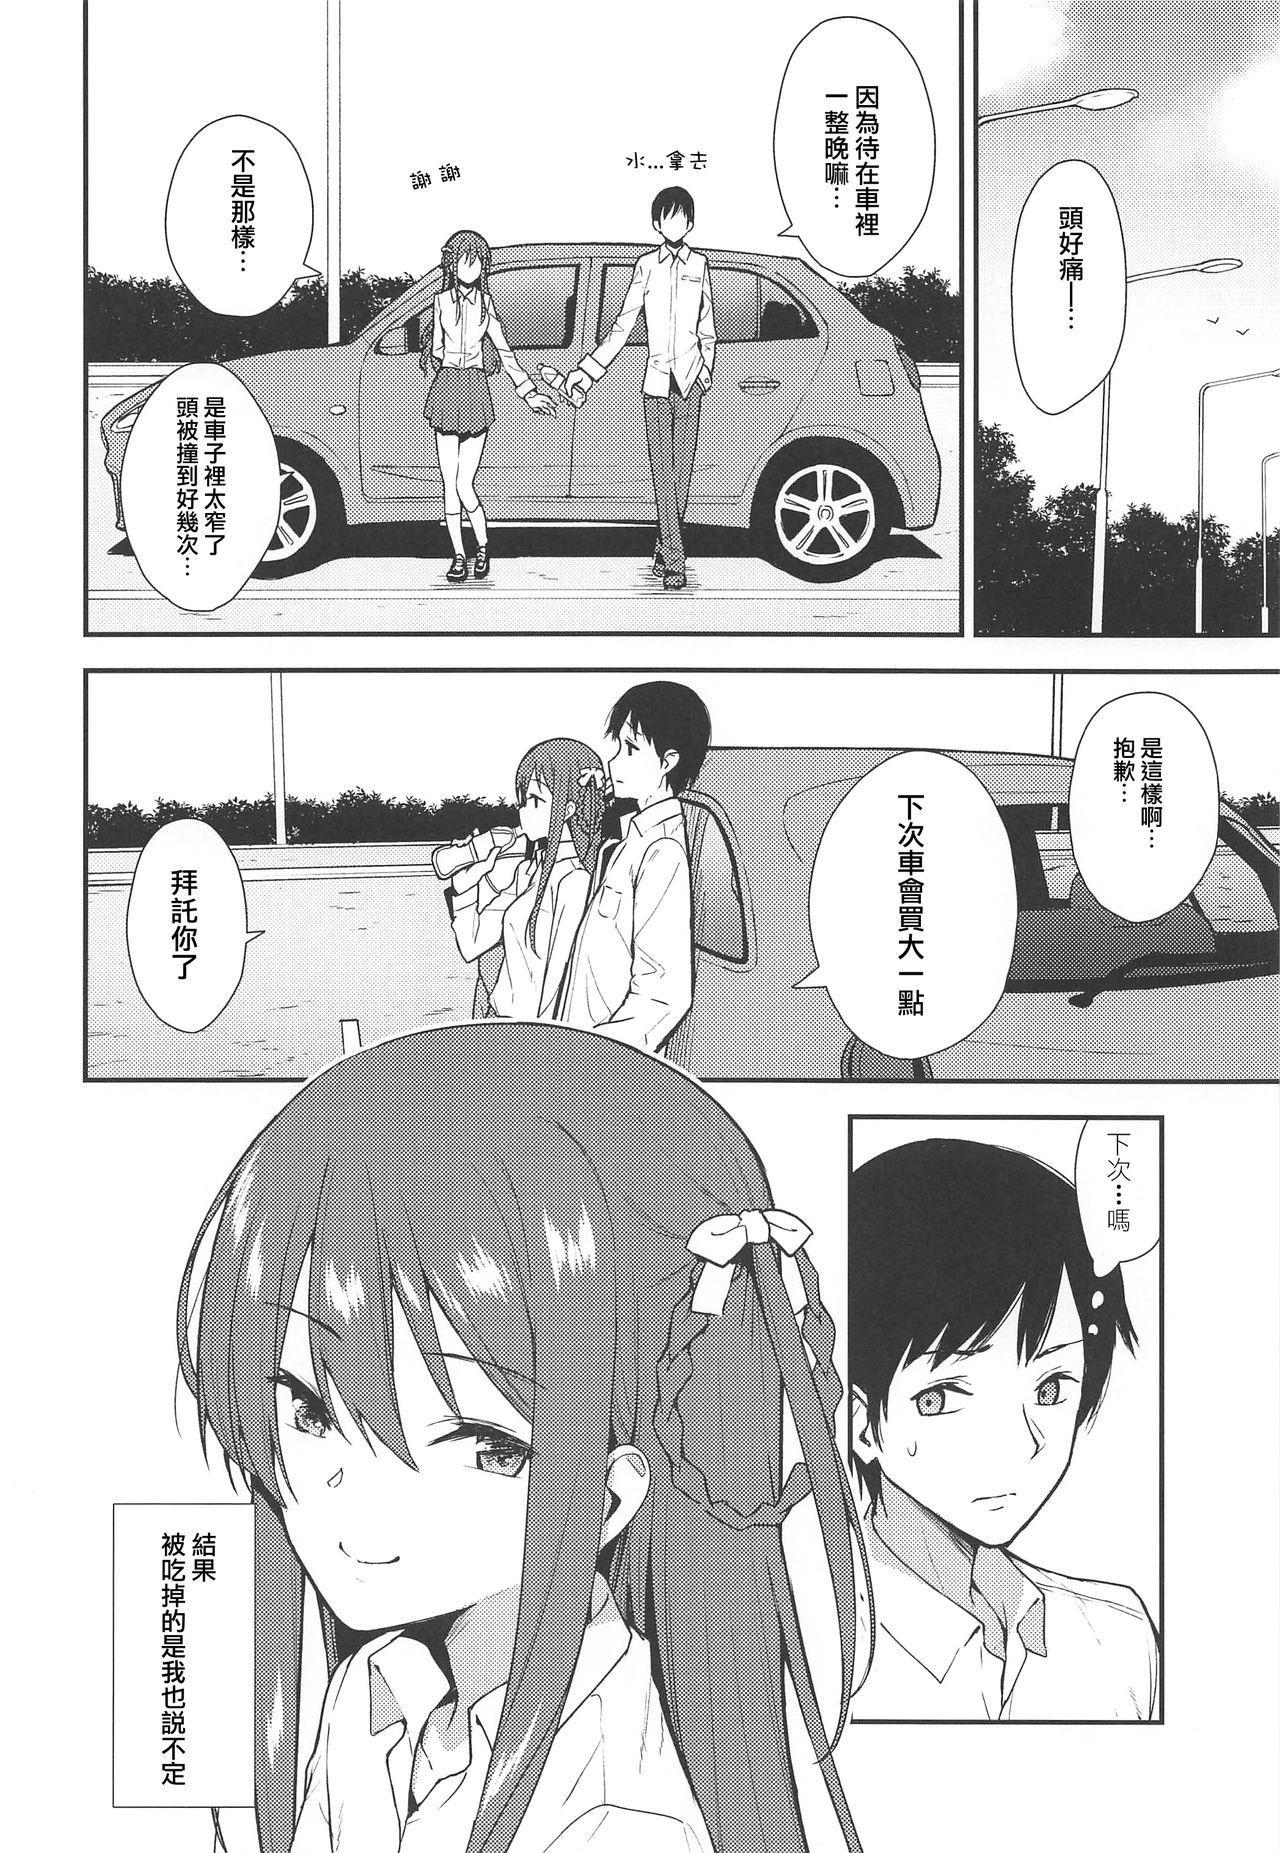 Futashika na Seishun - Uncertain youth 23